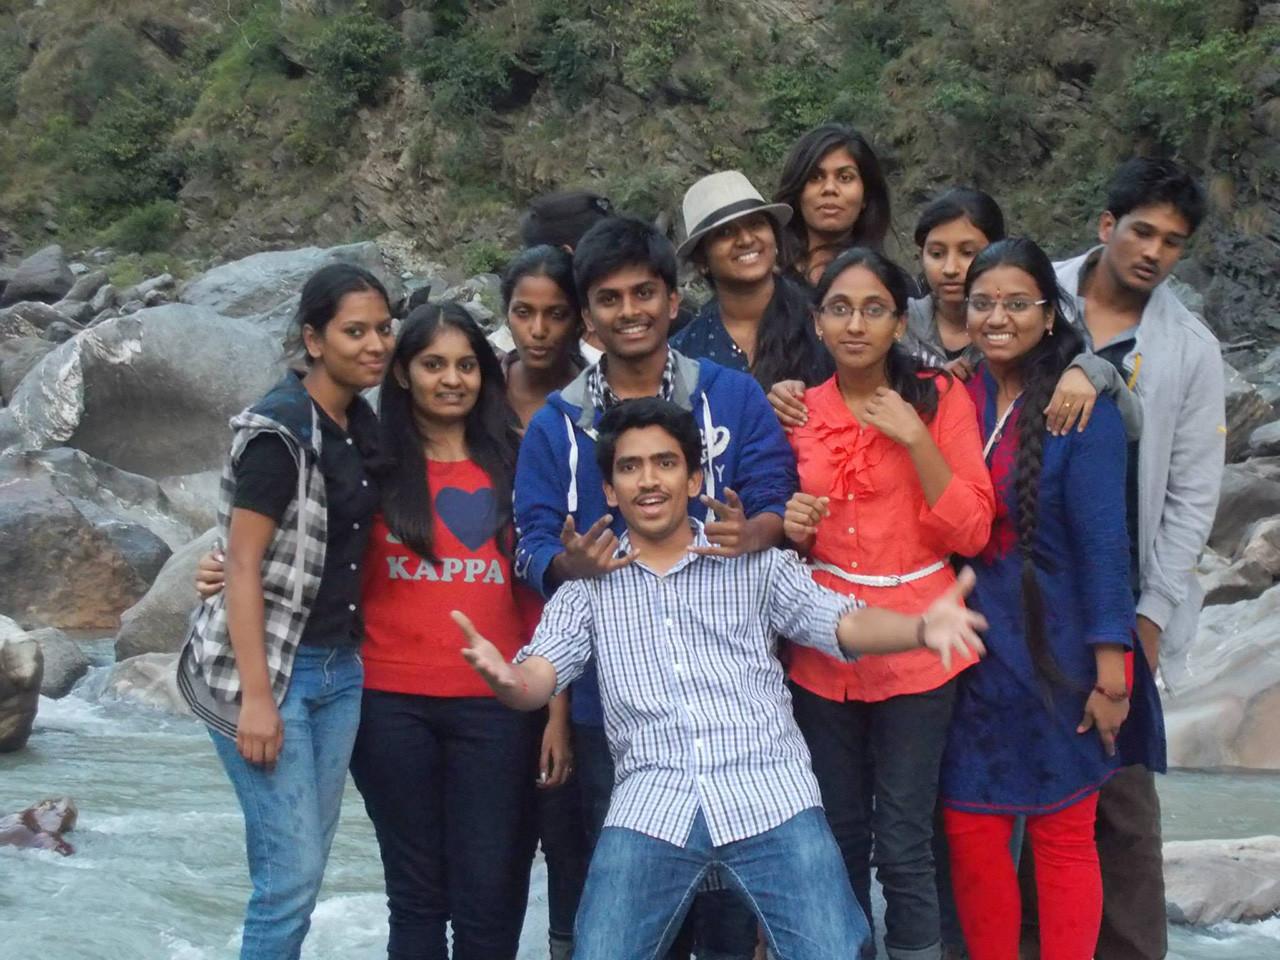 8 de junio de 2014. 24 estudiantes indios se hicieron esta foto mientras visitaban el río Beas, en su país. En aquel momento, las compuertas de una planta hidroeléctrica cercana se abrieron inesperadamente y el flujo de agua se llevó por delante a los estudiantes por culpa de una negligencia.